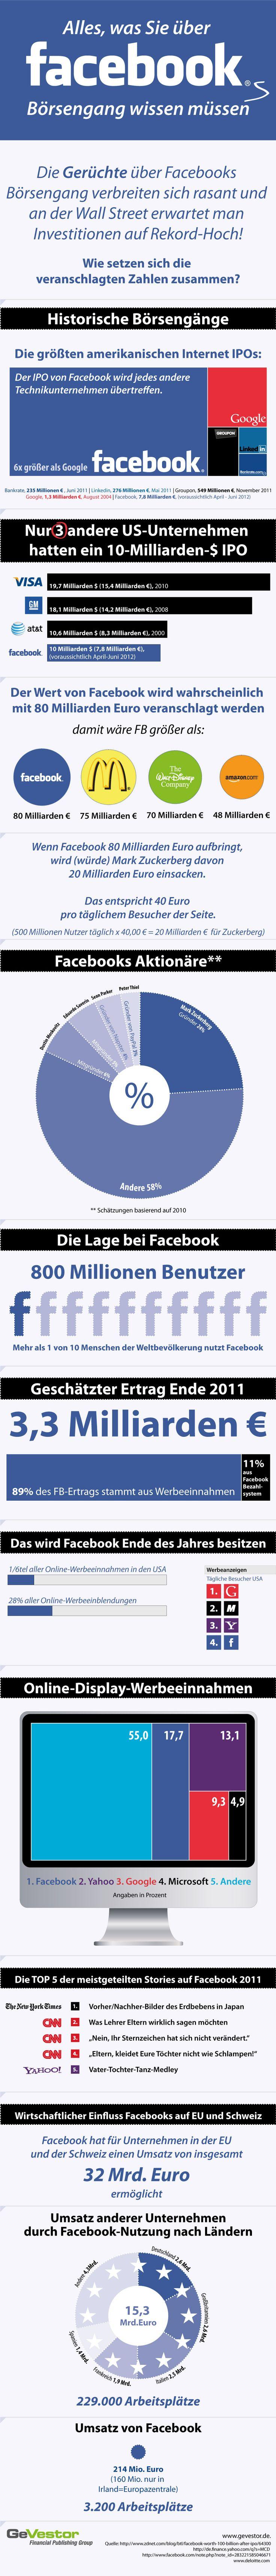 Facebooks BörsengangMedia Infografik, Zahlen Und, Facebook Ipo, Börsengang Wissen, Social Media, Der Facebook, Media Infographic, Facebook Infographic, Facebook Börsengang